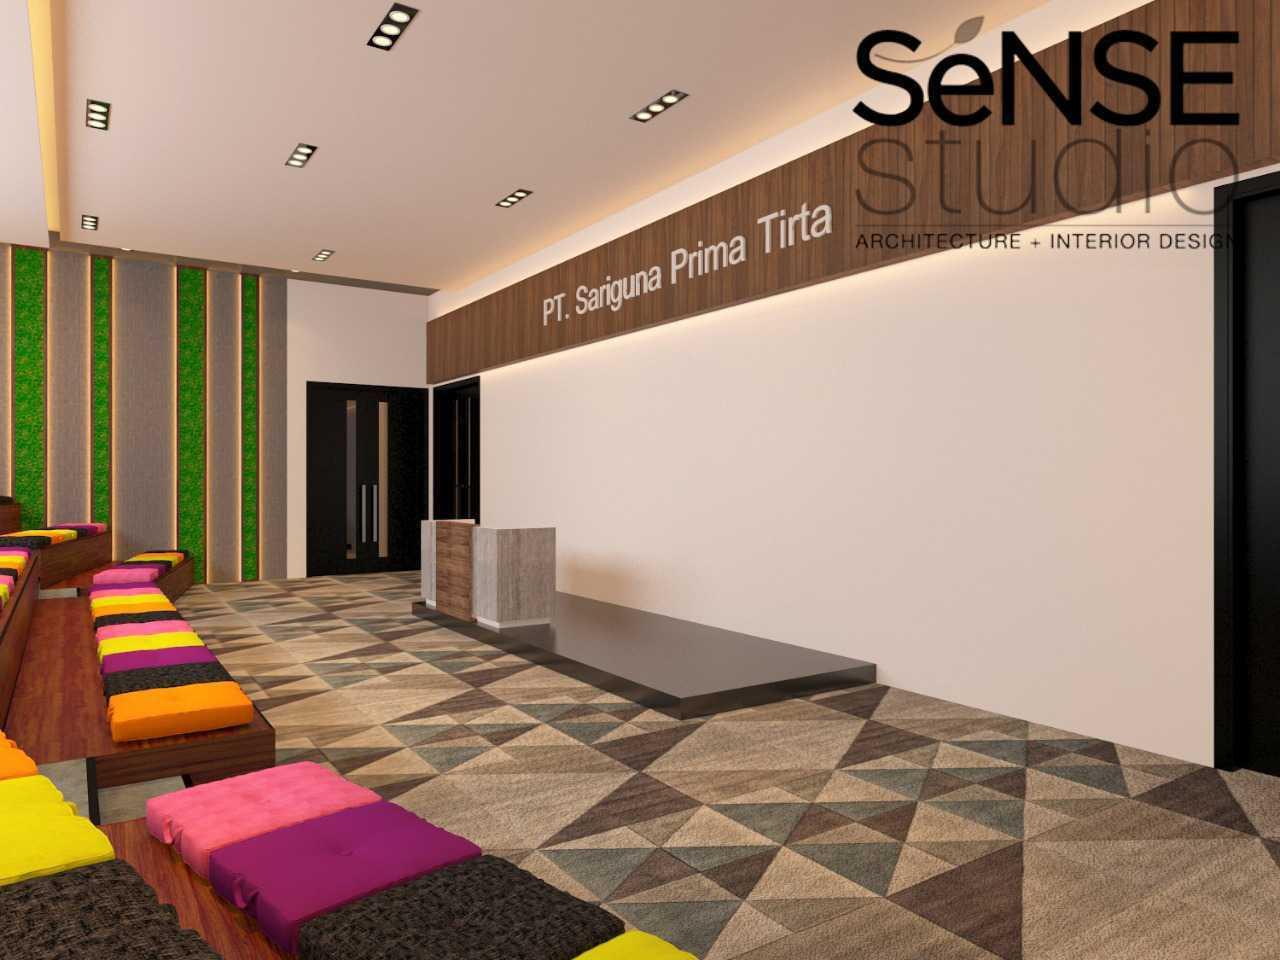 Sense Isle Studio Office Pandaan Kec. Pandaan, Pasuruan, Jawa Timur, Indonesia Kec. Pandaan, Pasuruan, Jawa Timur, Indonesia Sense-Studio-Office-Pandaan   80423